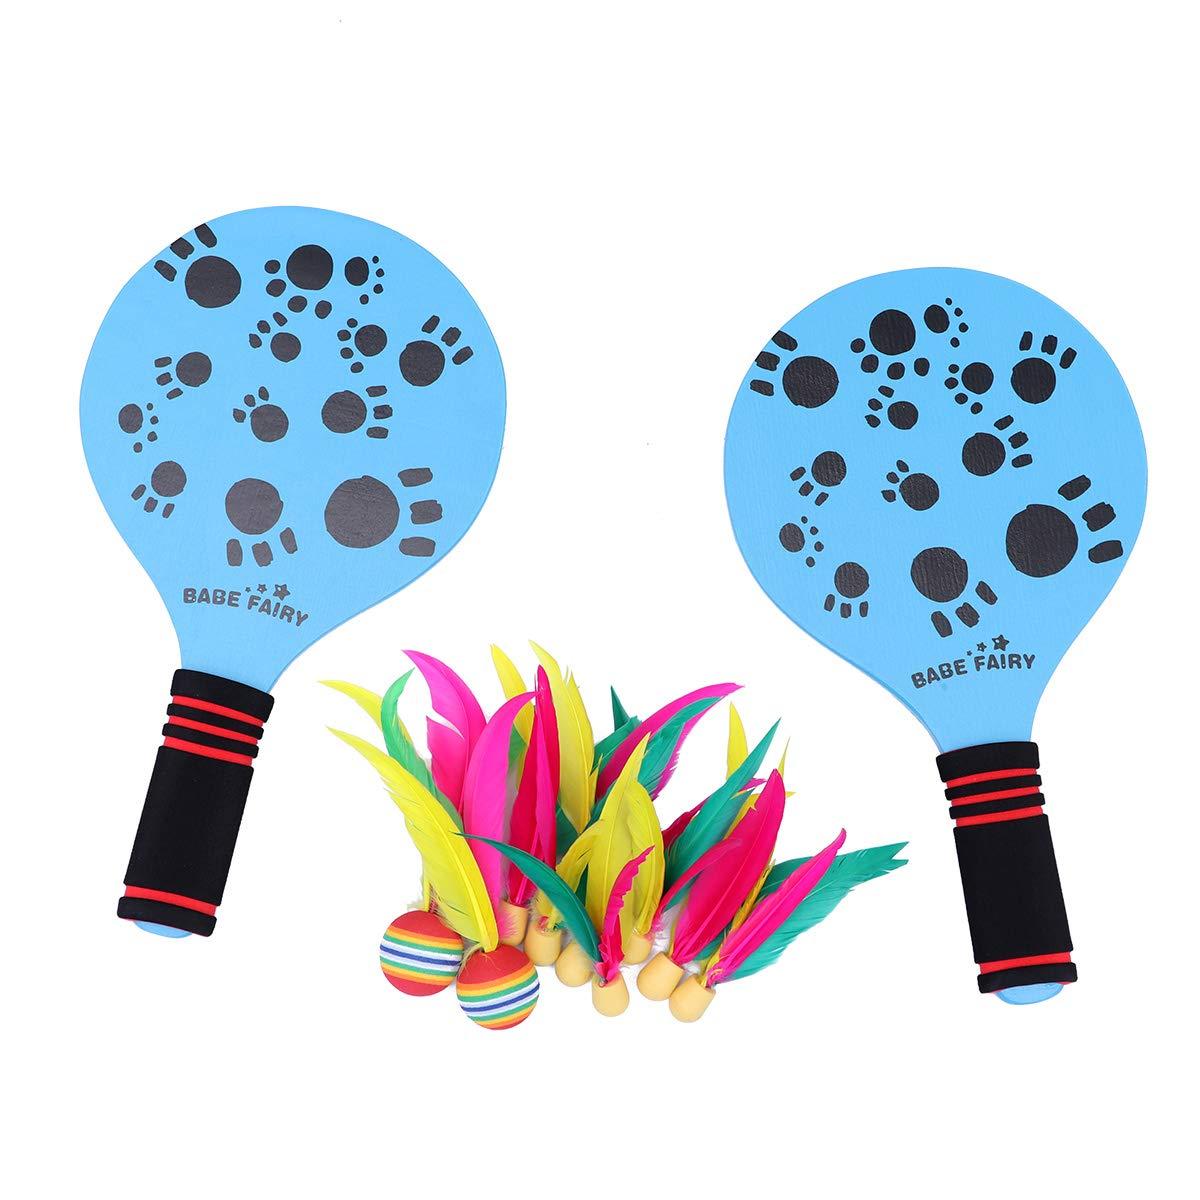 LIOOBO Juego Raquetas Palas Badminton de Playa Juego y Entrenamiento de Familia niños Oficina Deporte al Aire Libre (Azul)